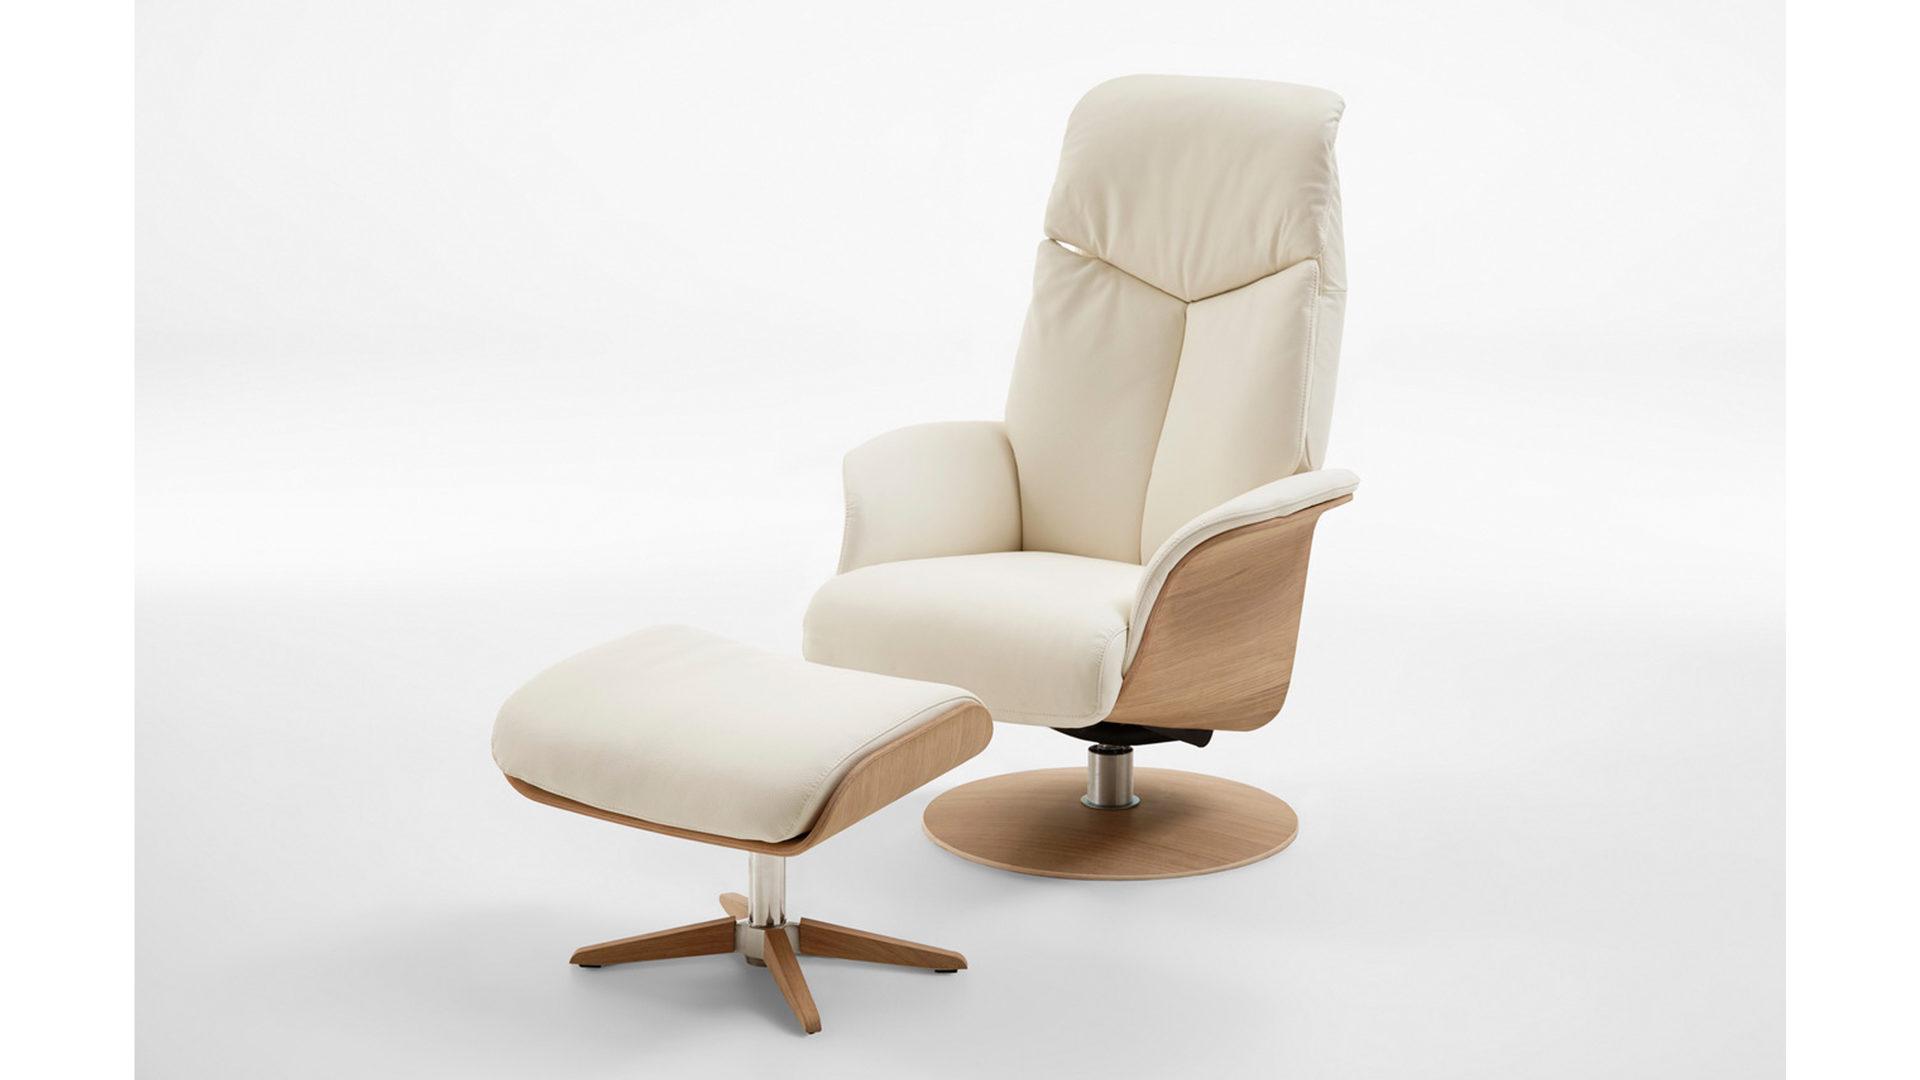 knudsen sessel details zu hjort knudsen danish design. Black Bedroom Furniture Sets. Home Design Ideas